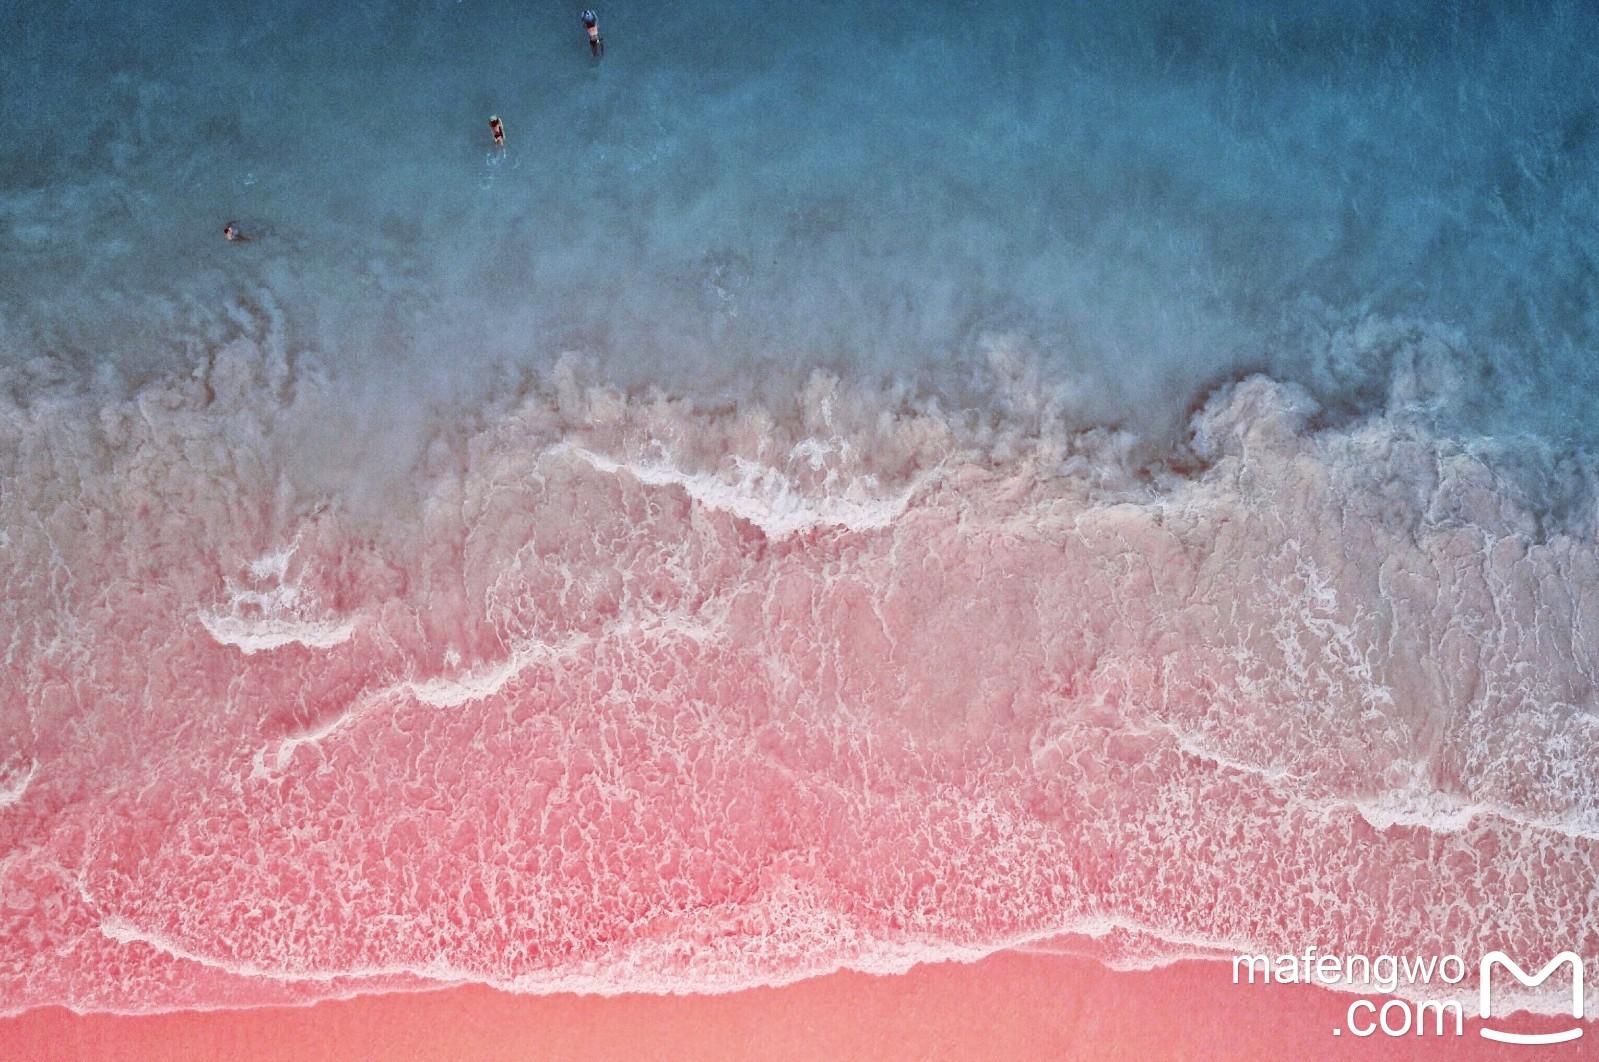 【KEMODO】科莫多国家公园——巴厘岛旁的小众景点,除了粉色沙滩旁的史前怪兽,还能看什么?_游记